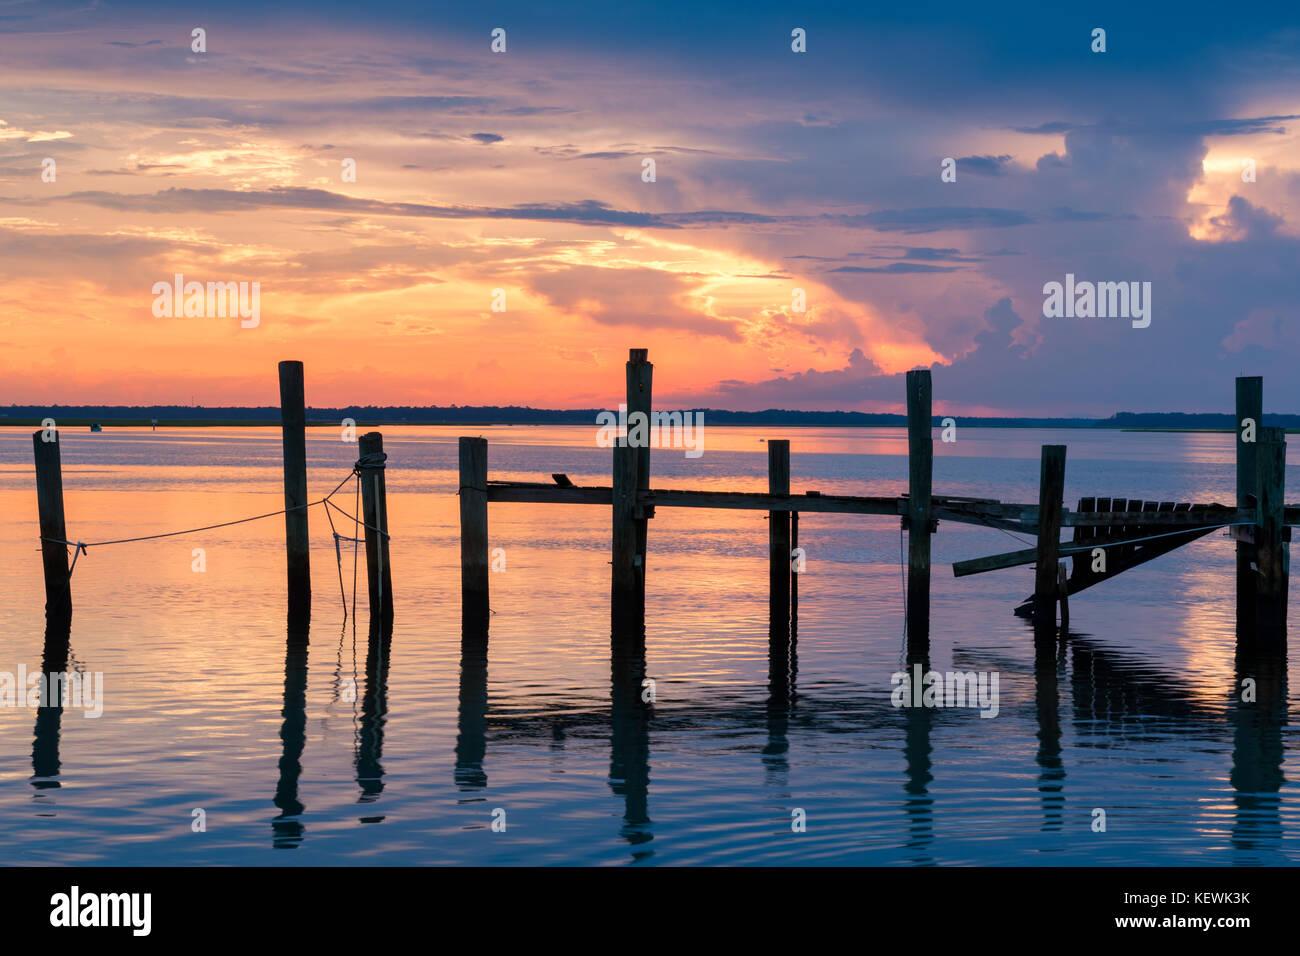 Beautiful Sunset at the Old Shrimp Boat Dock, Amelia Island, Florida - Stock Image